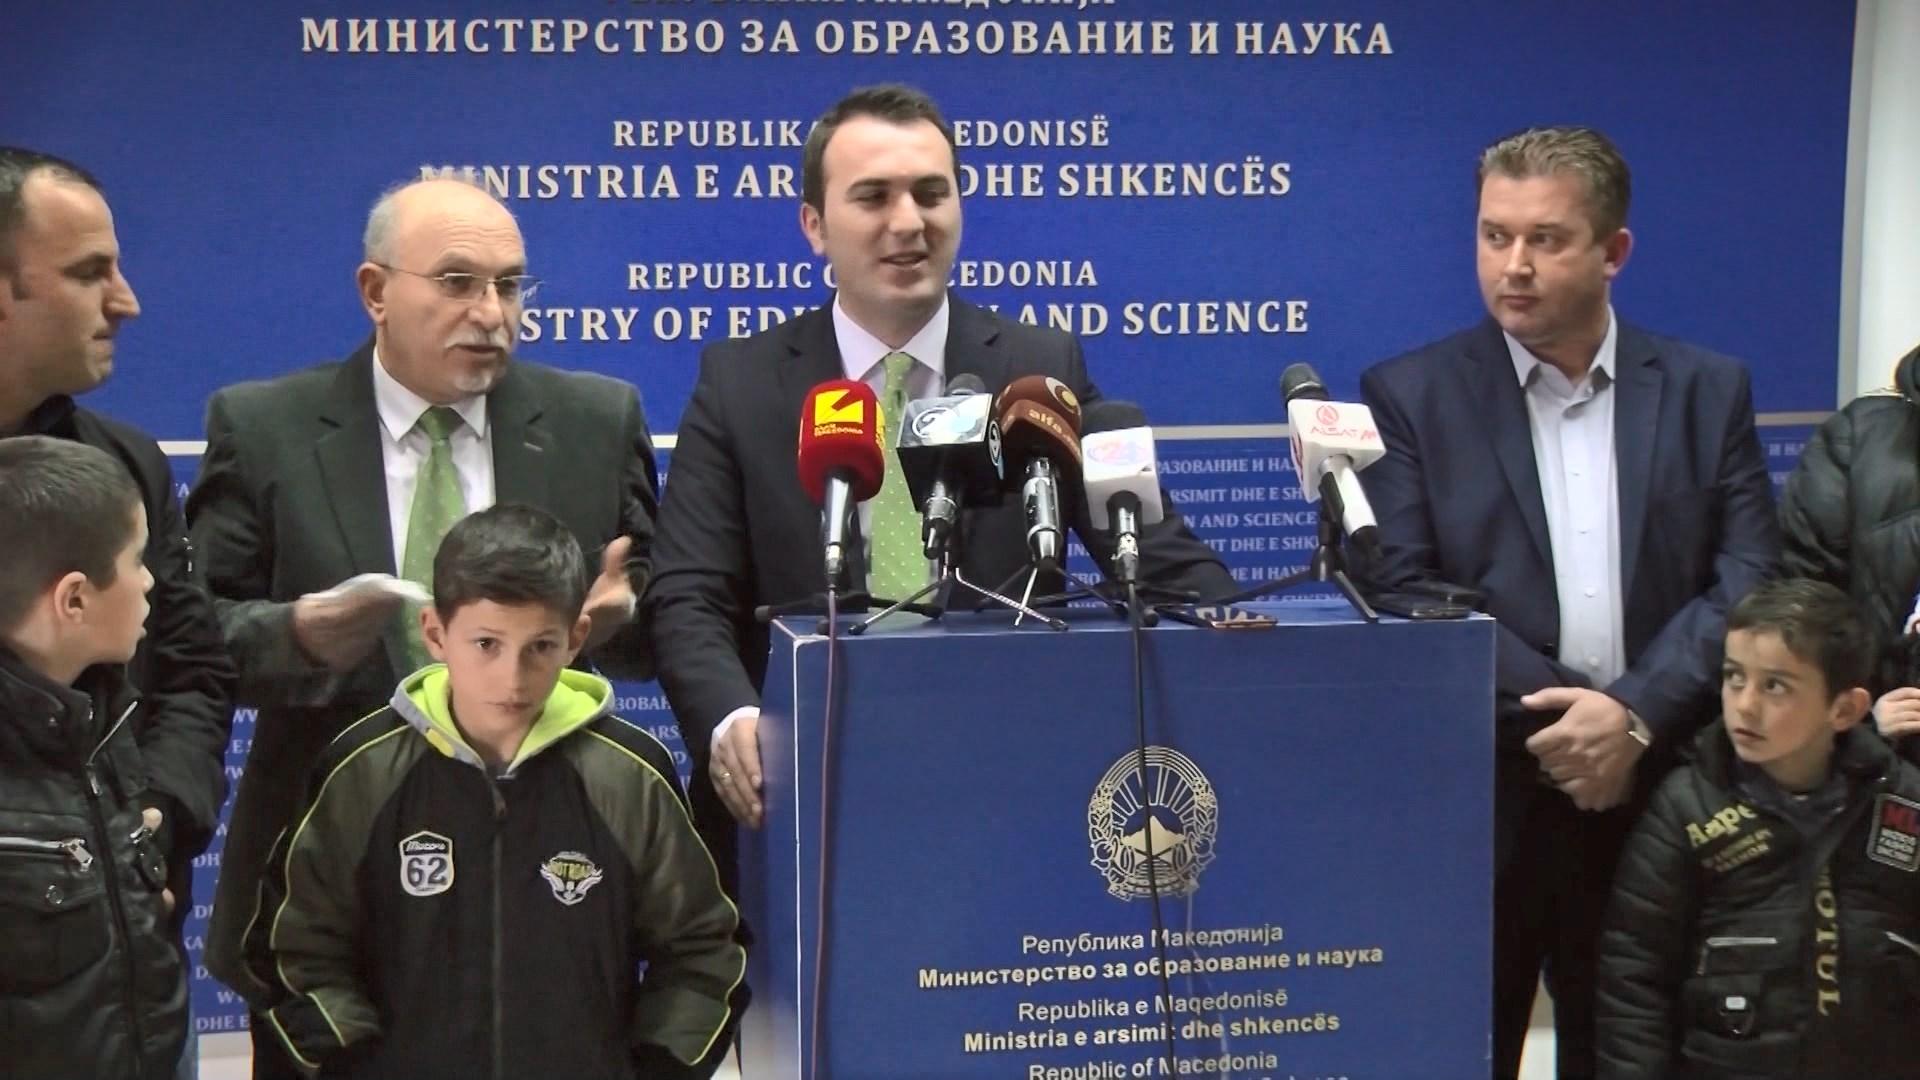 Maqedoni, përdoret për herë të parë gjuha shqipe në mbledhjen e qeverisë